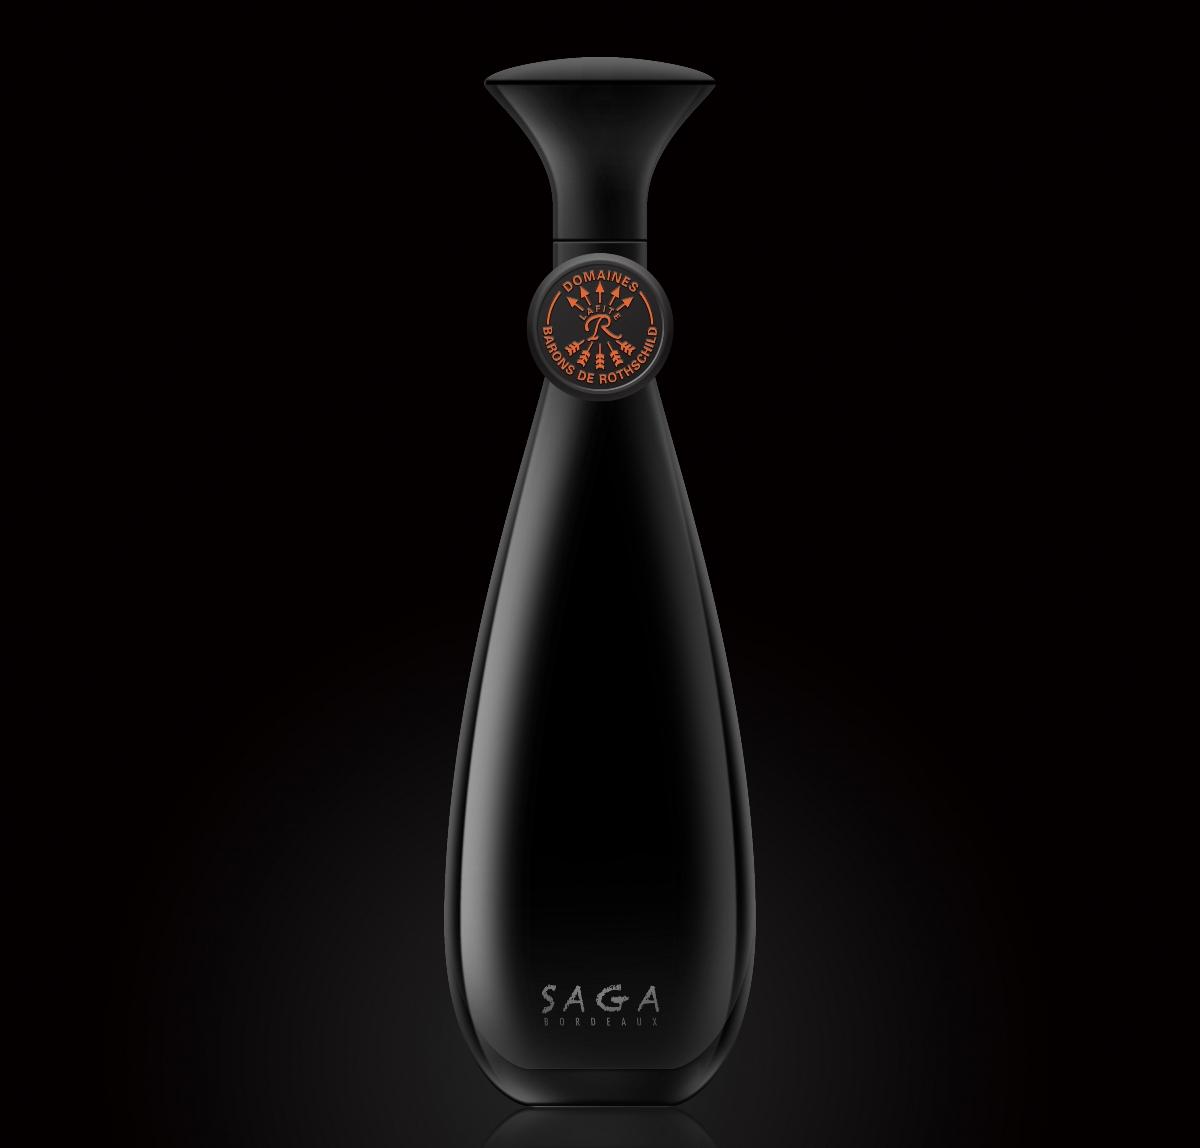 一款调动味蕾的包装设计——灵犊设计